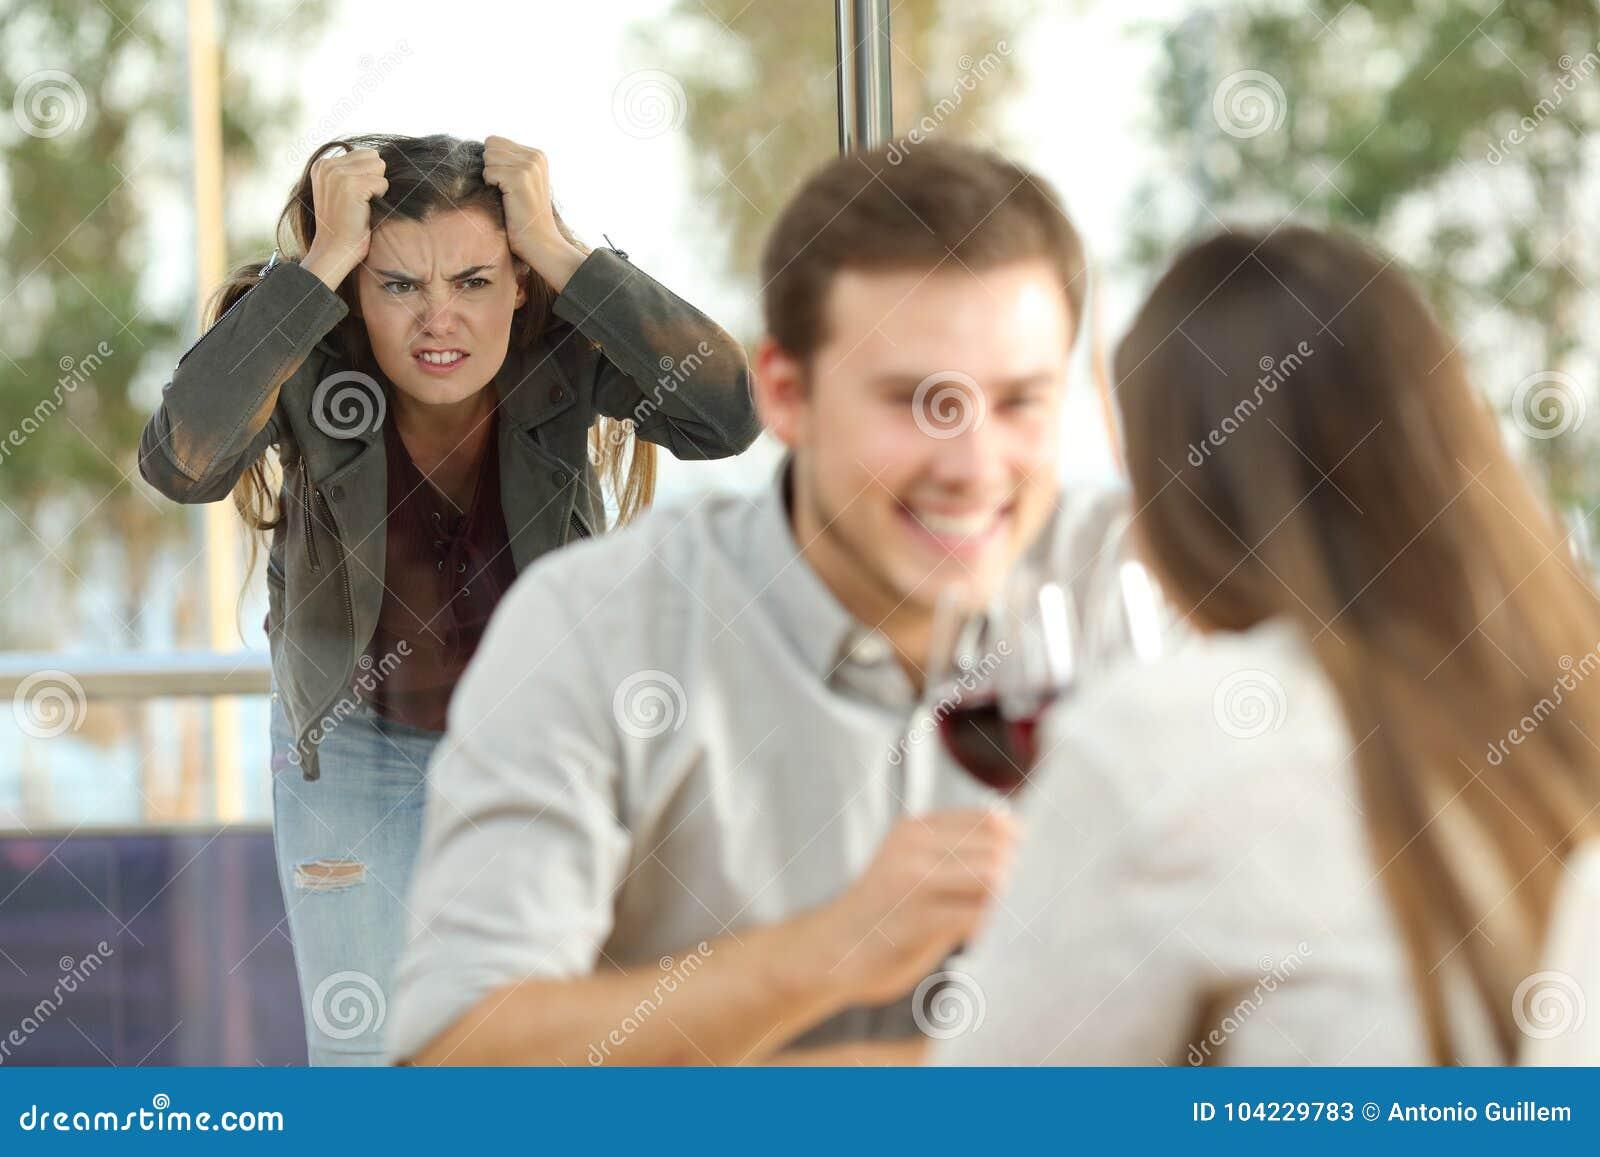 pojkvän dating annan flicka